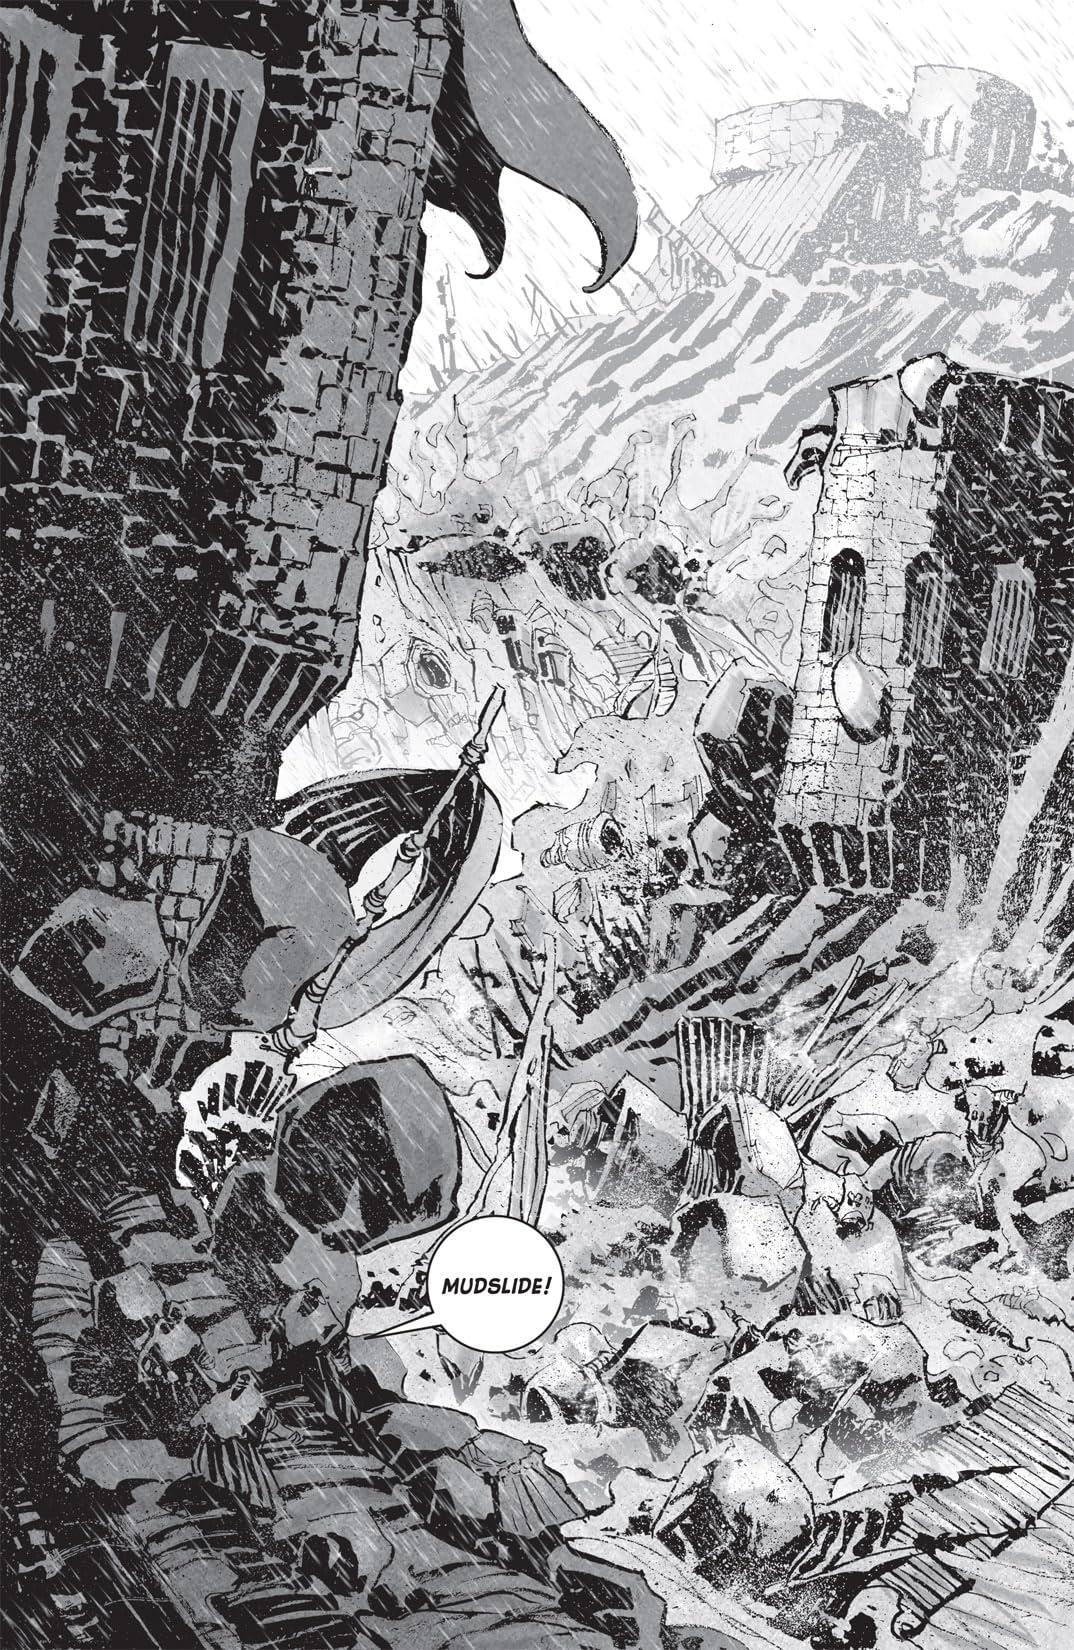 Wasteland #17